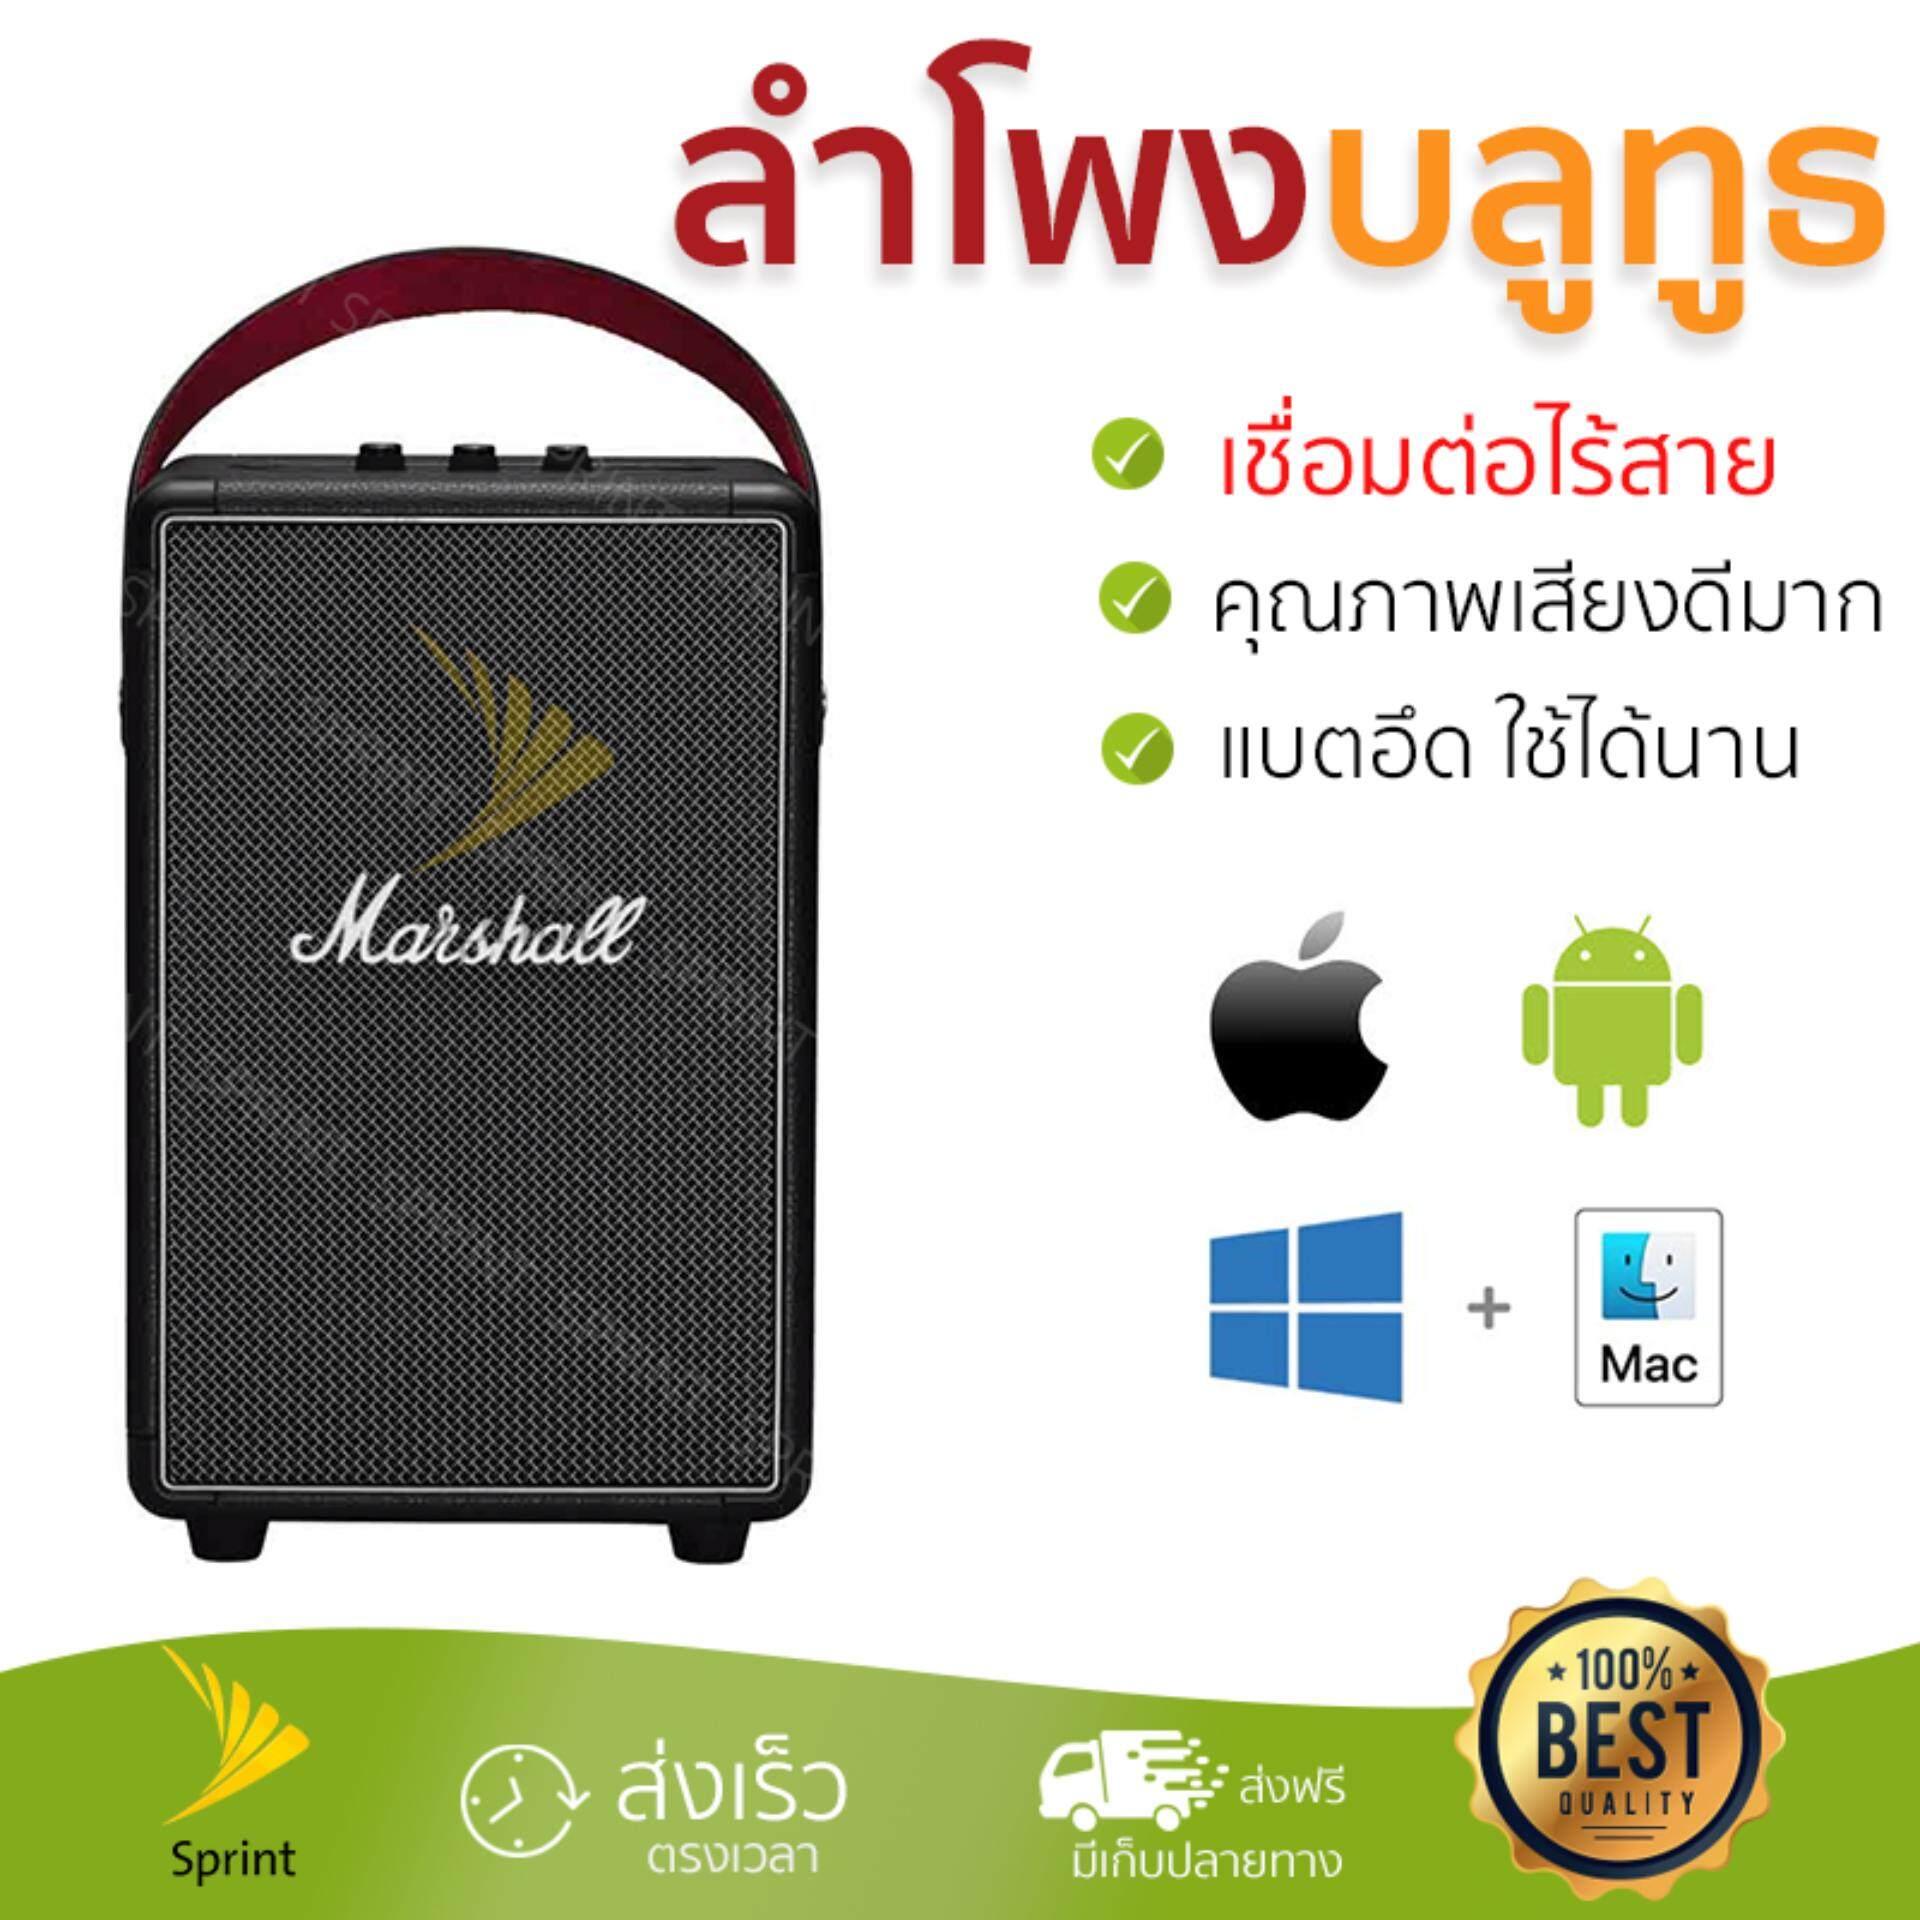 สอนใช้งาน  จัดส่งฟรี ลำโพงบลูทูธ  Marshall Bluetooth Speaker 2.1 TUFTON Black เสียงใส คุณภาพเกินตัว Wireless Bluetooth Speaker รับประกัน 1 ปี